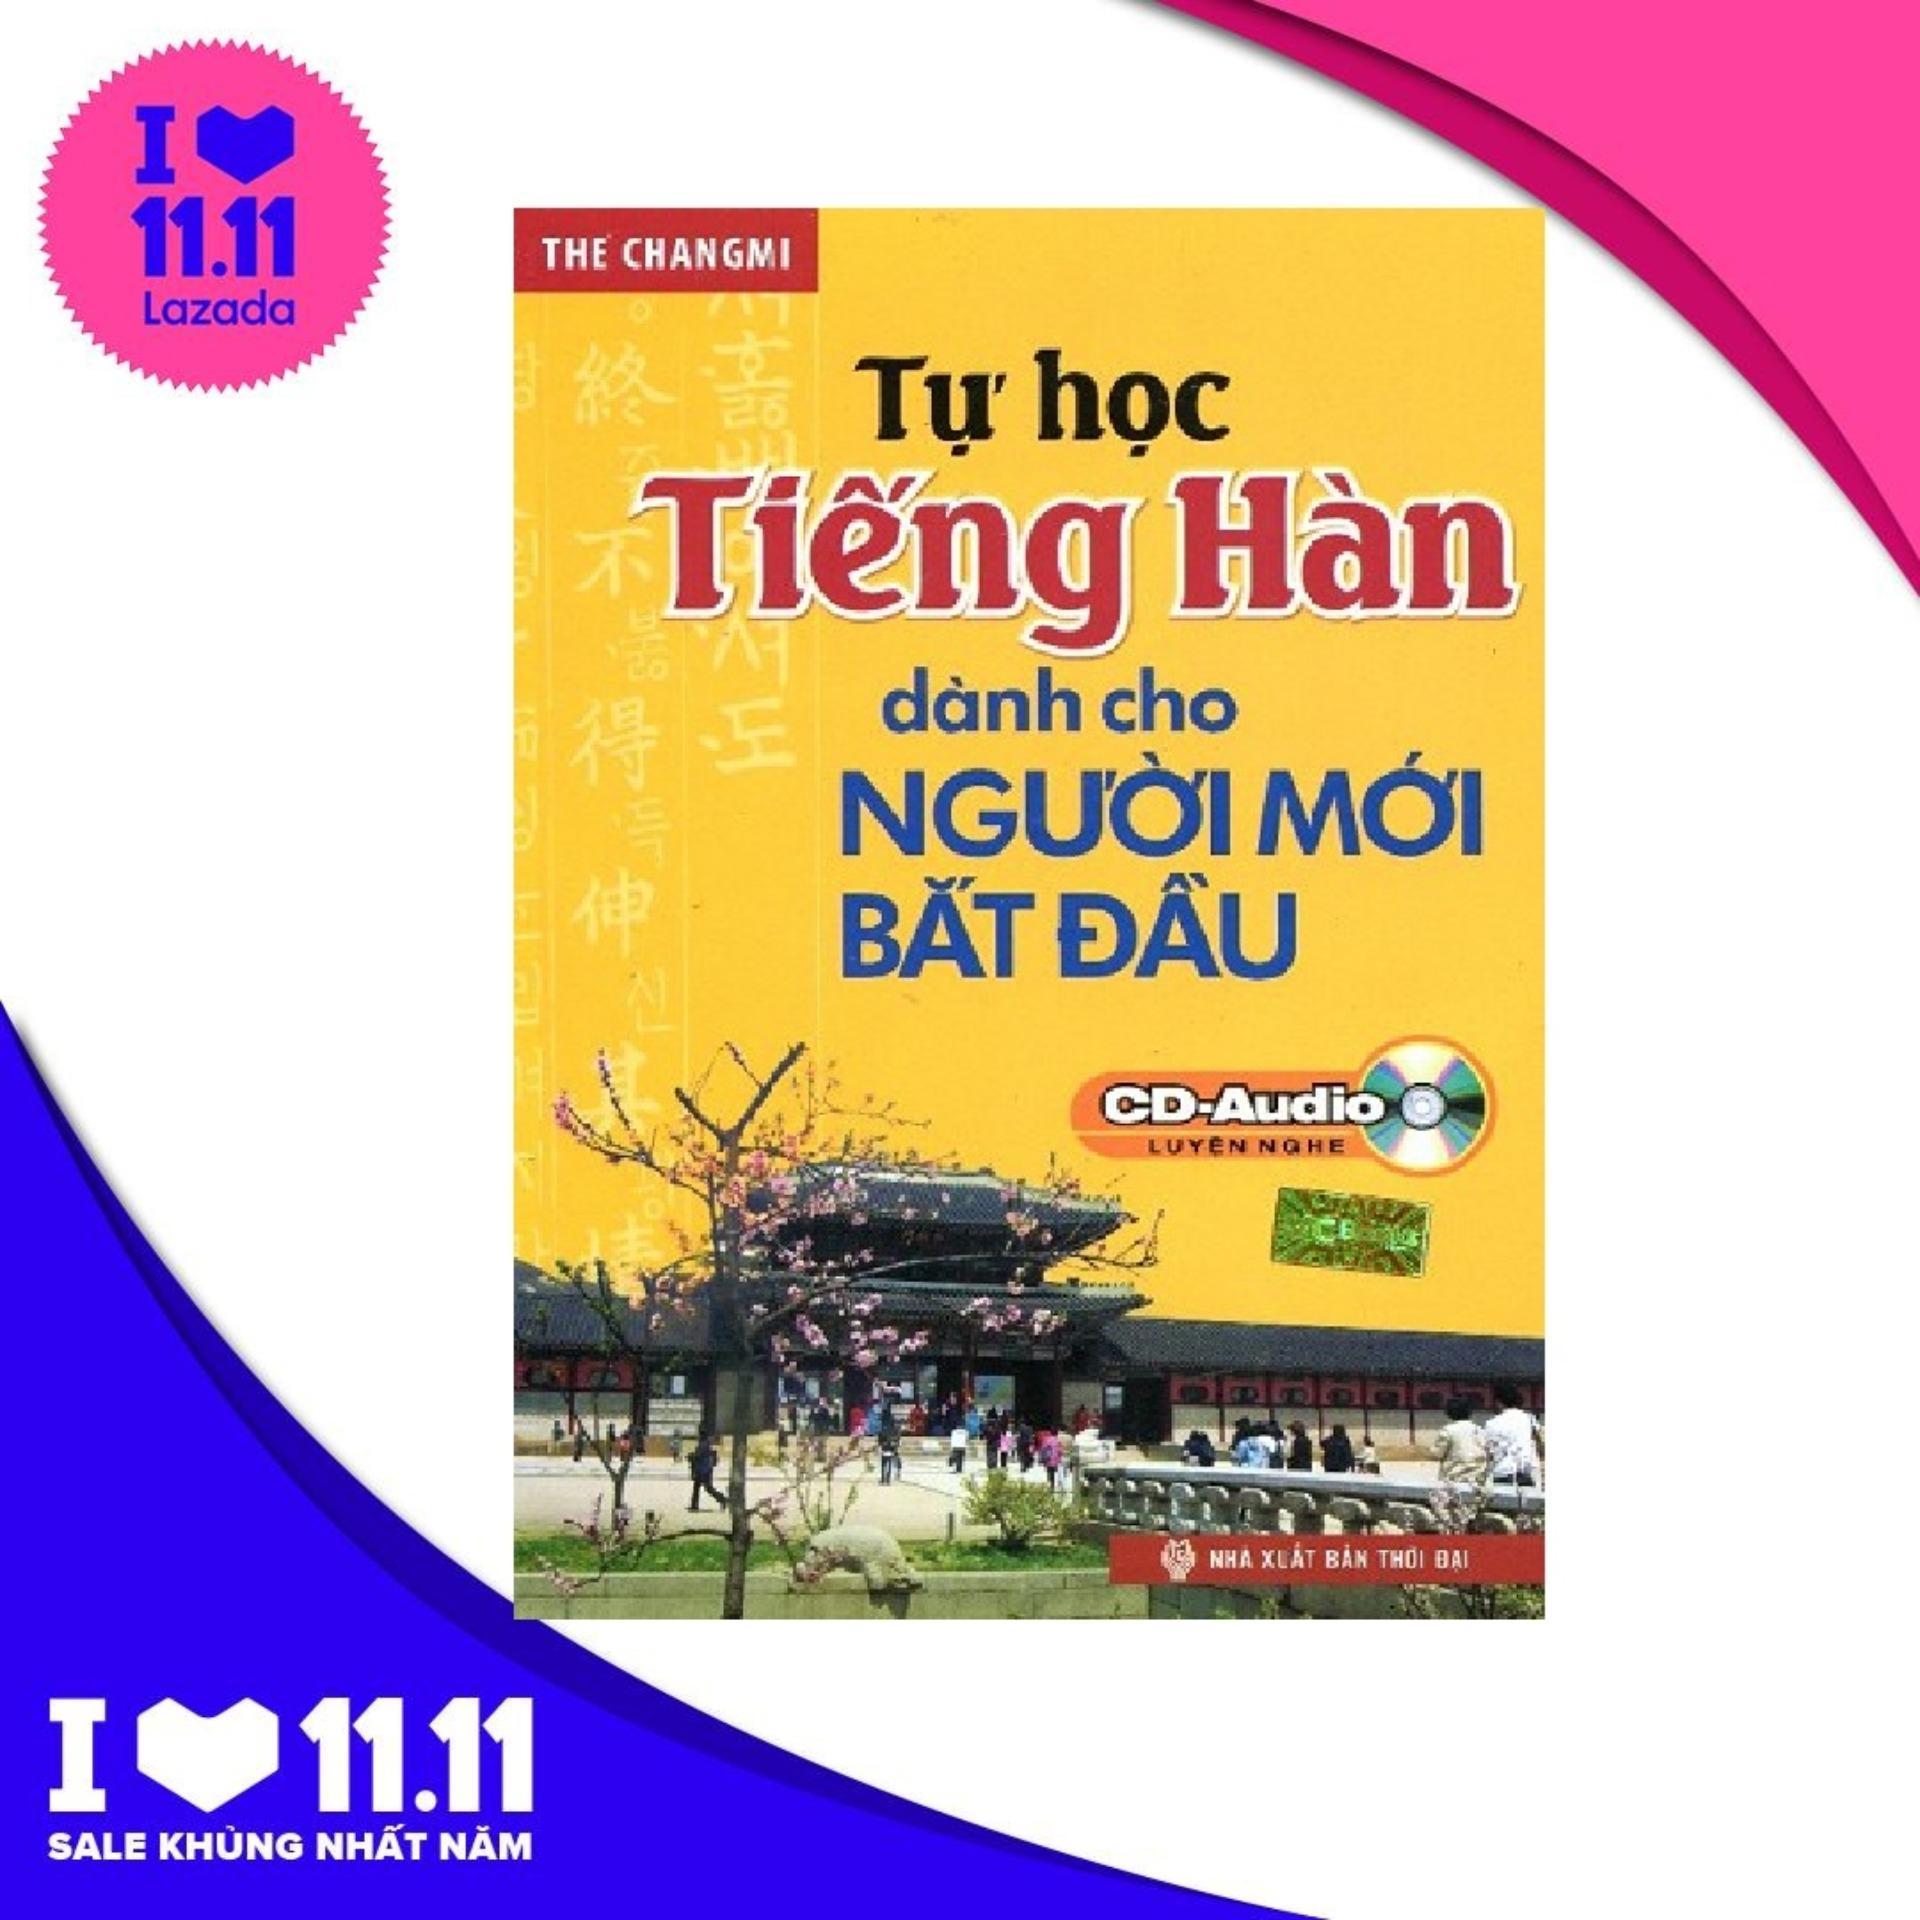 Tự Học Tiếng Hàn Dành Cho Người Mới Bắt Đầu - The Changmi - MCbooks - BỌC NILON BẢO QUẢN SÁCH CHUYÊN DỤNG Với Giá Sốc